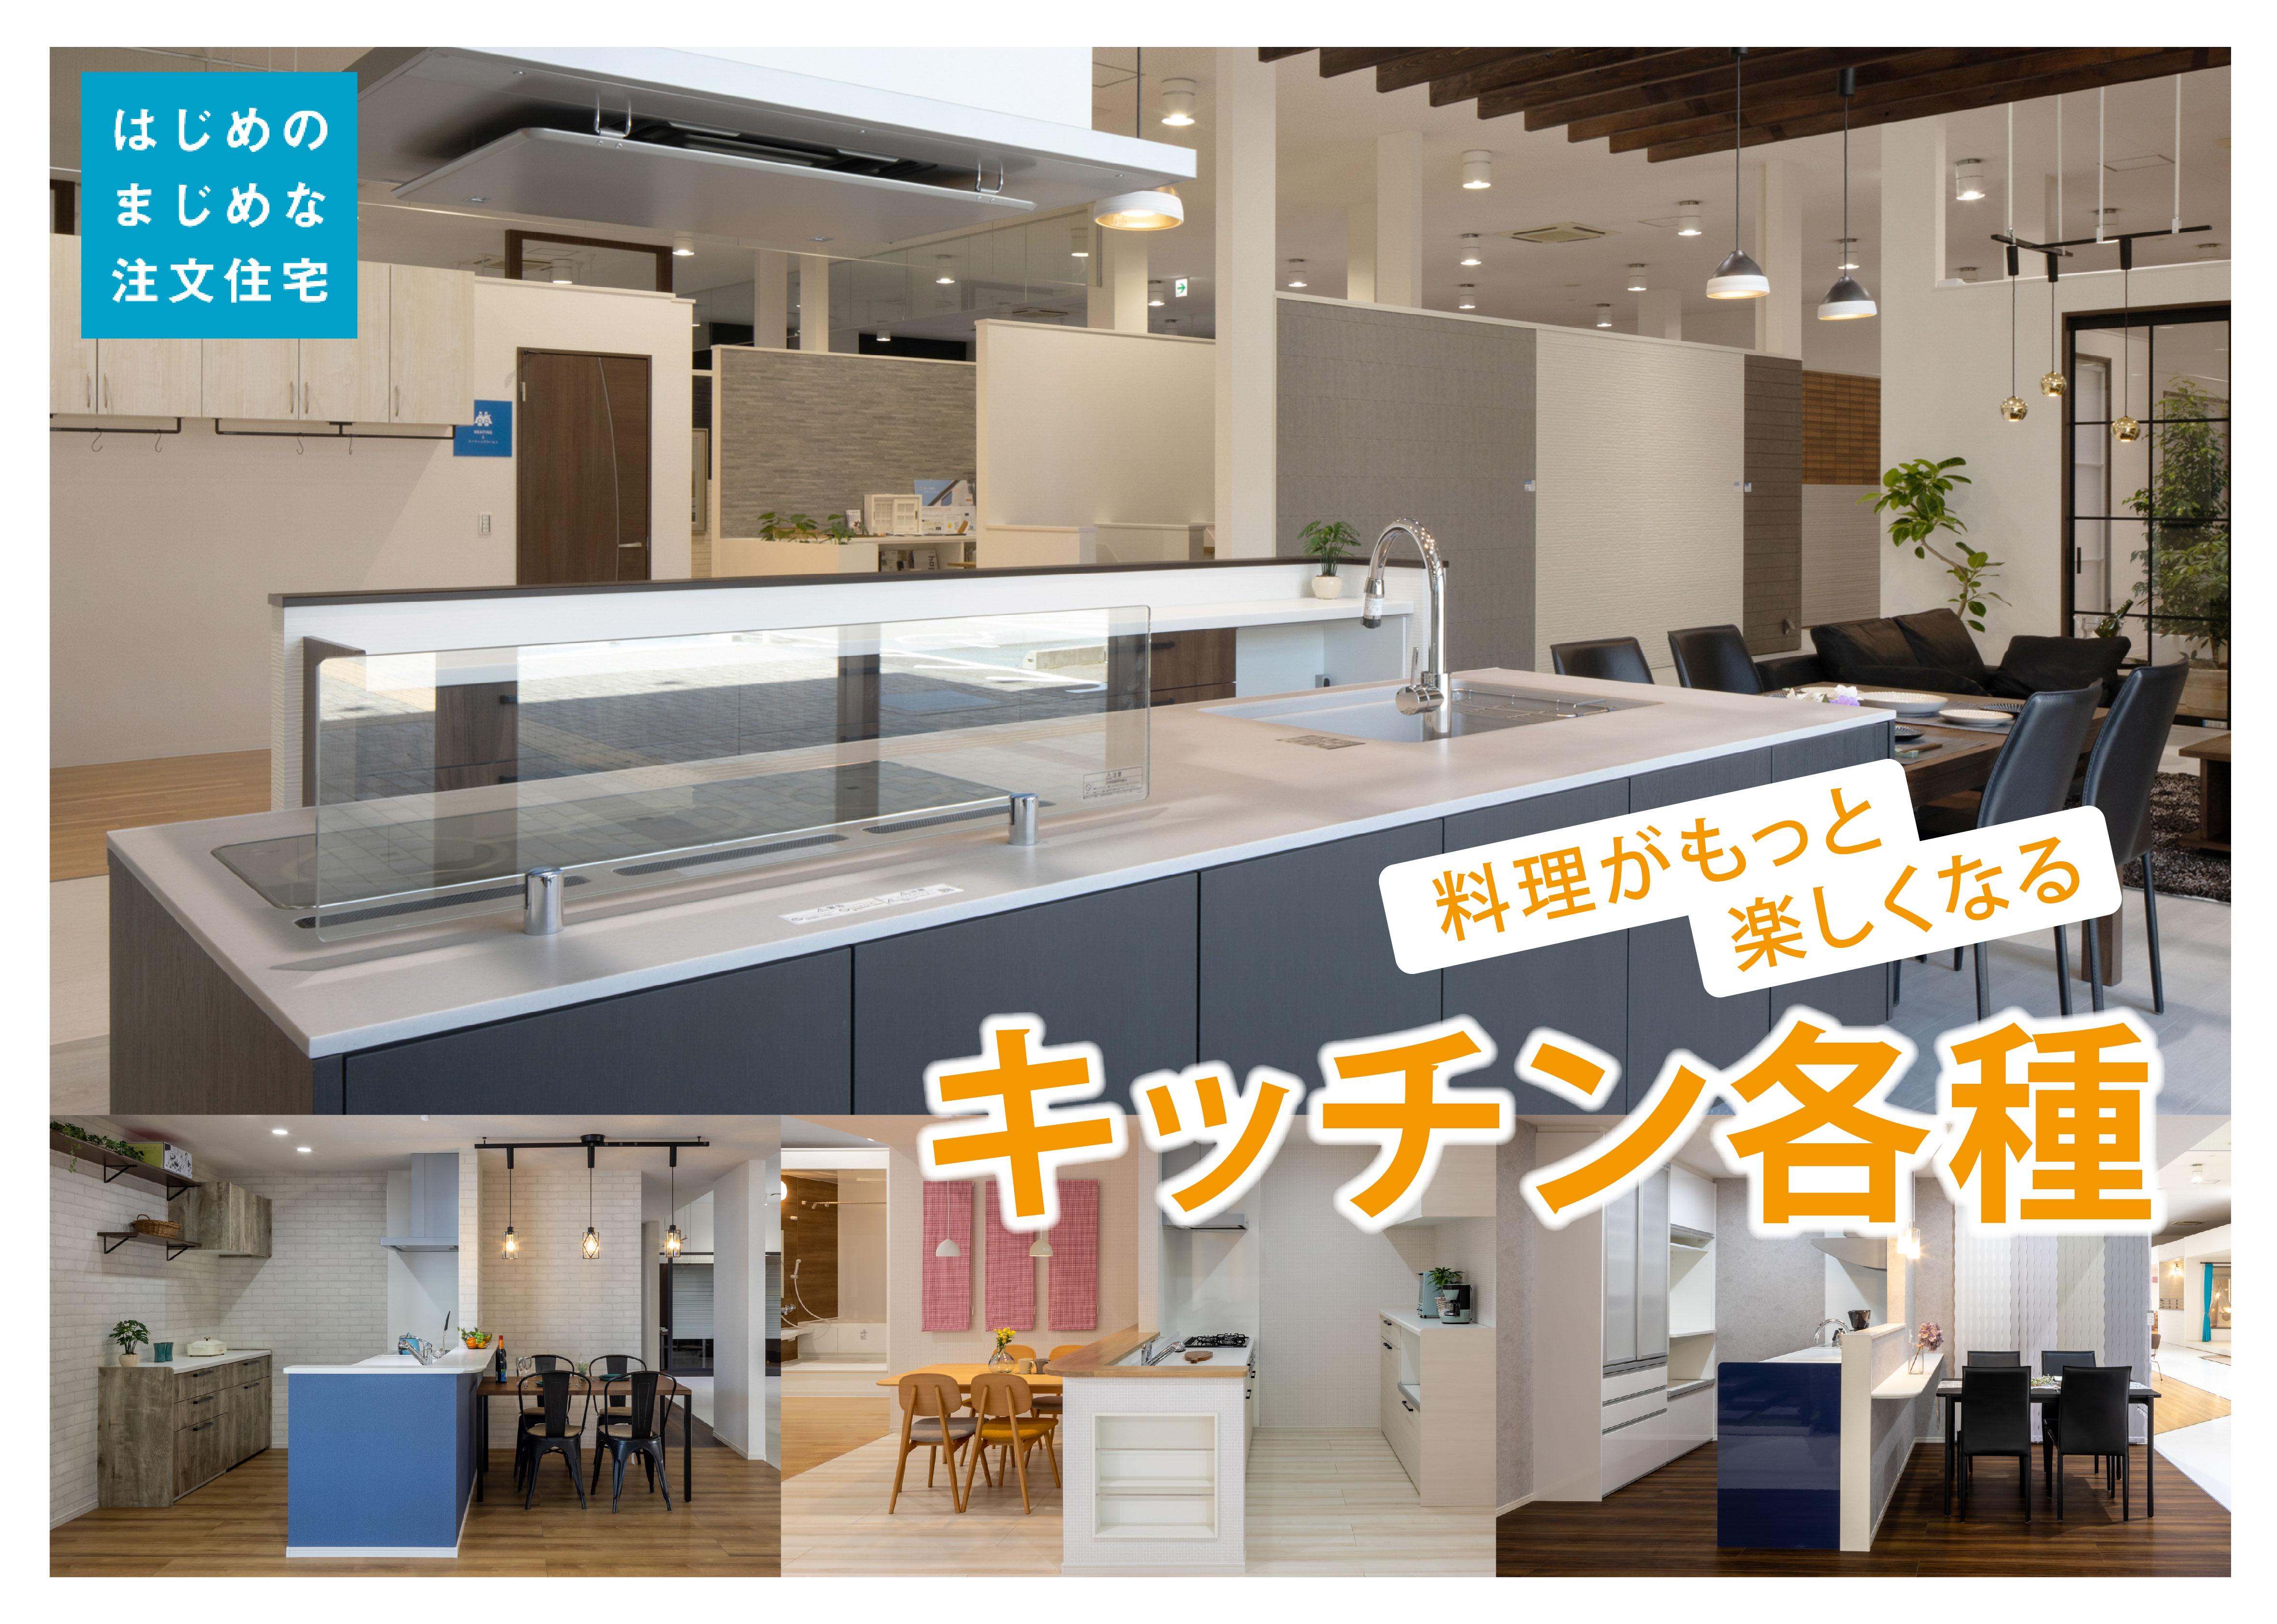 キッチン各種